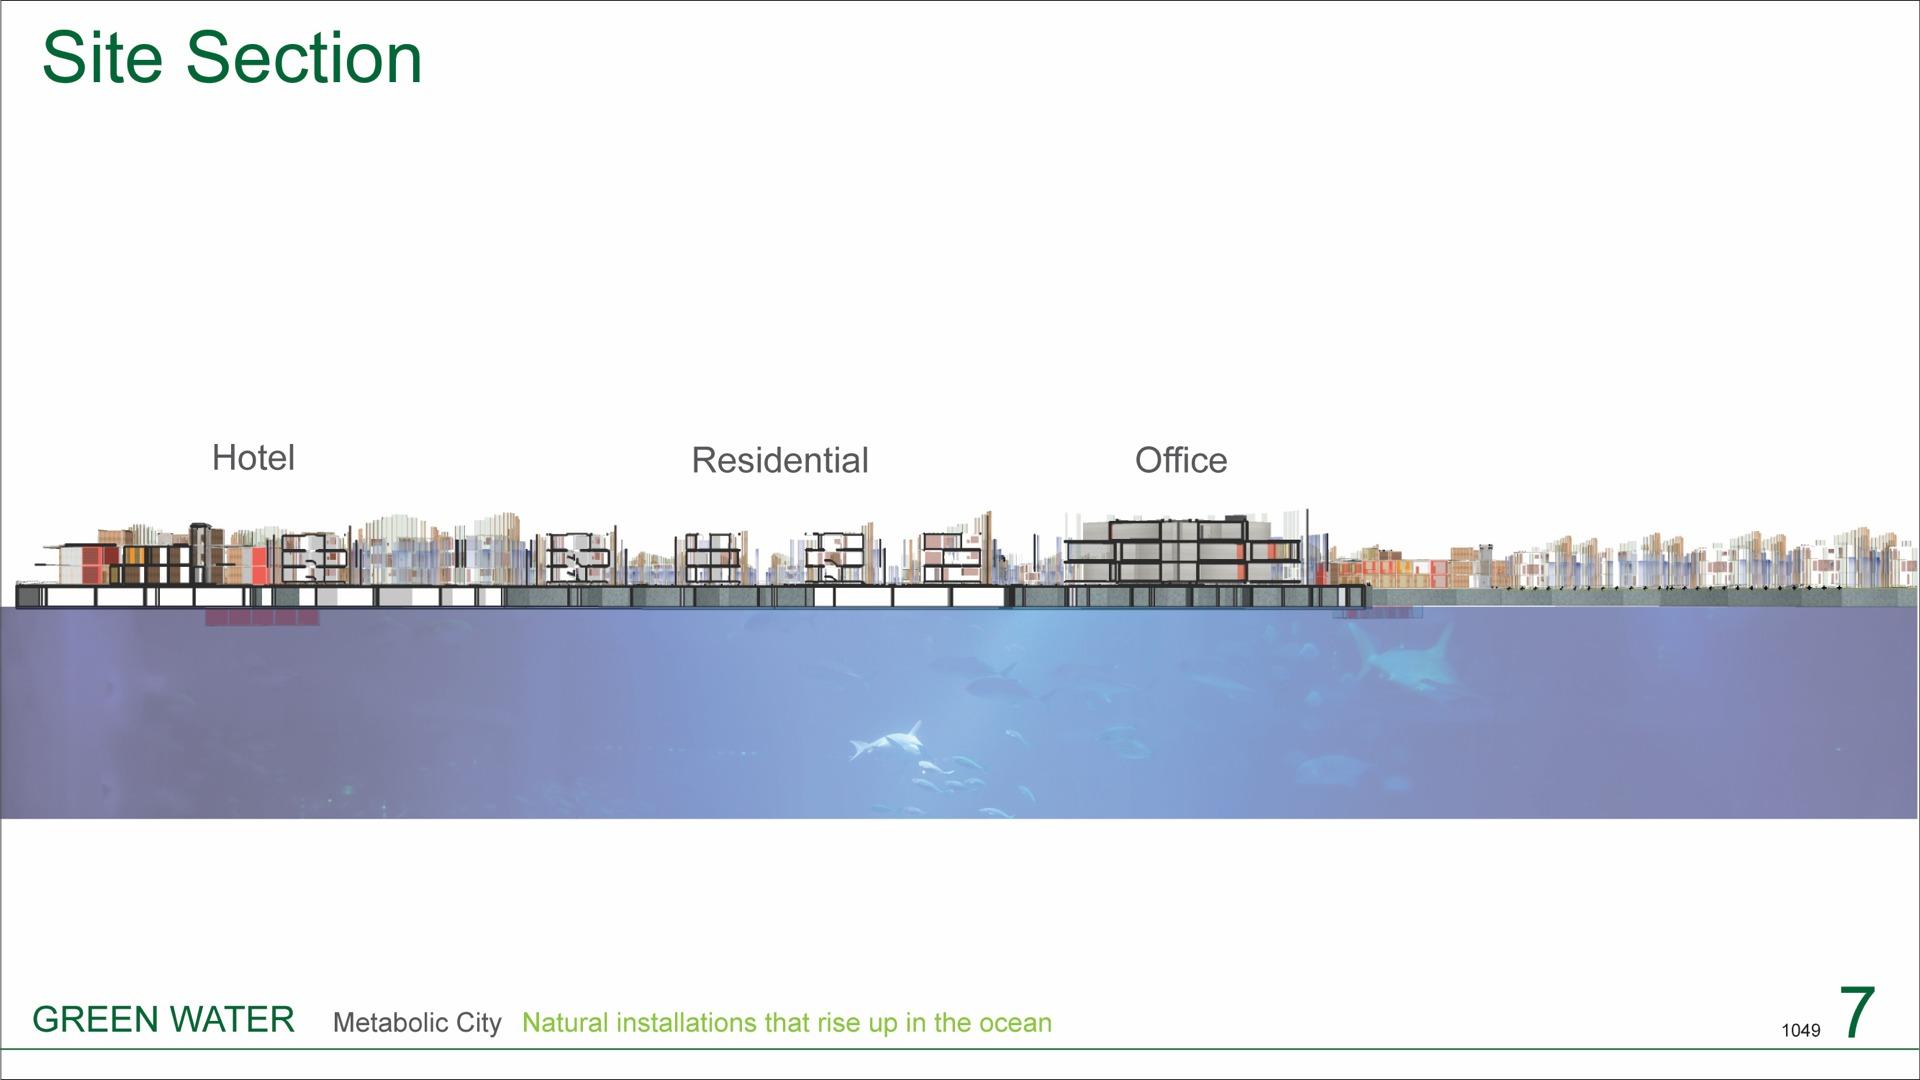 Конкурс эскизных проектов плавающих городов, 2015. Призёр конкурса. Metabolic City. Автор проекта: Yin Tao-chiang (TDArch)